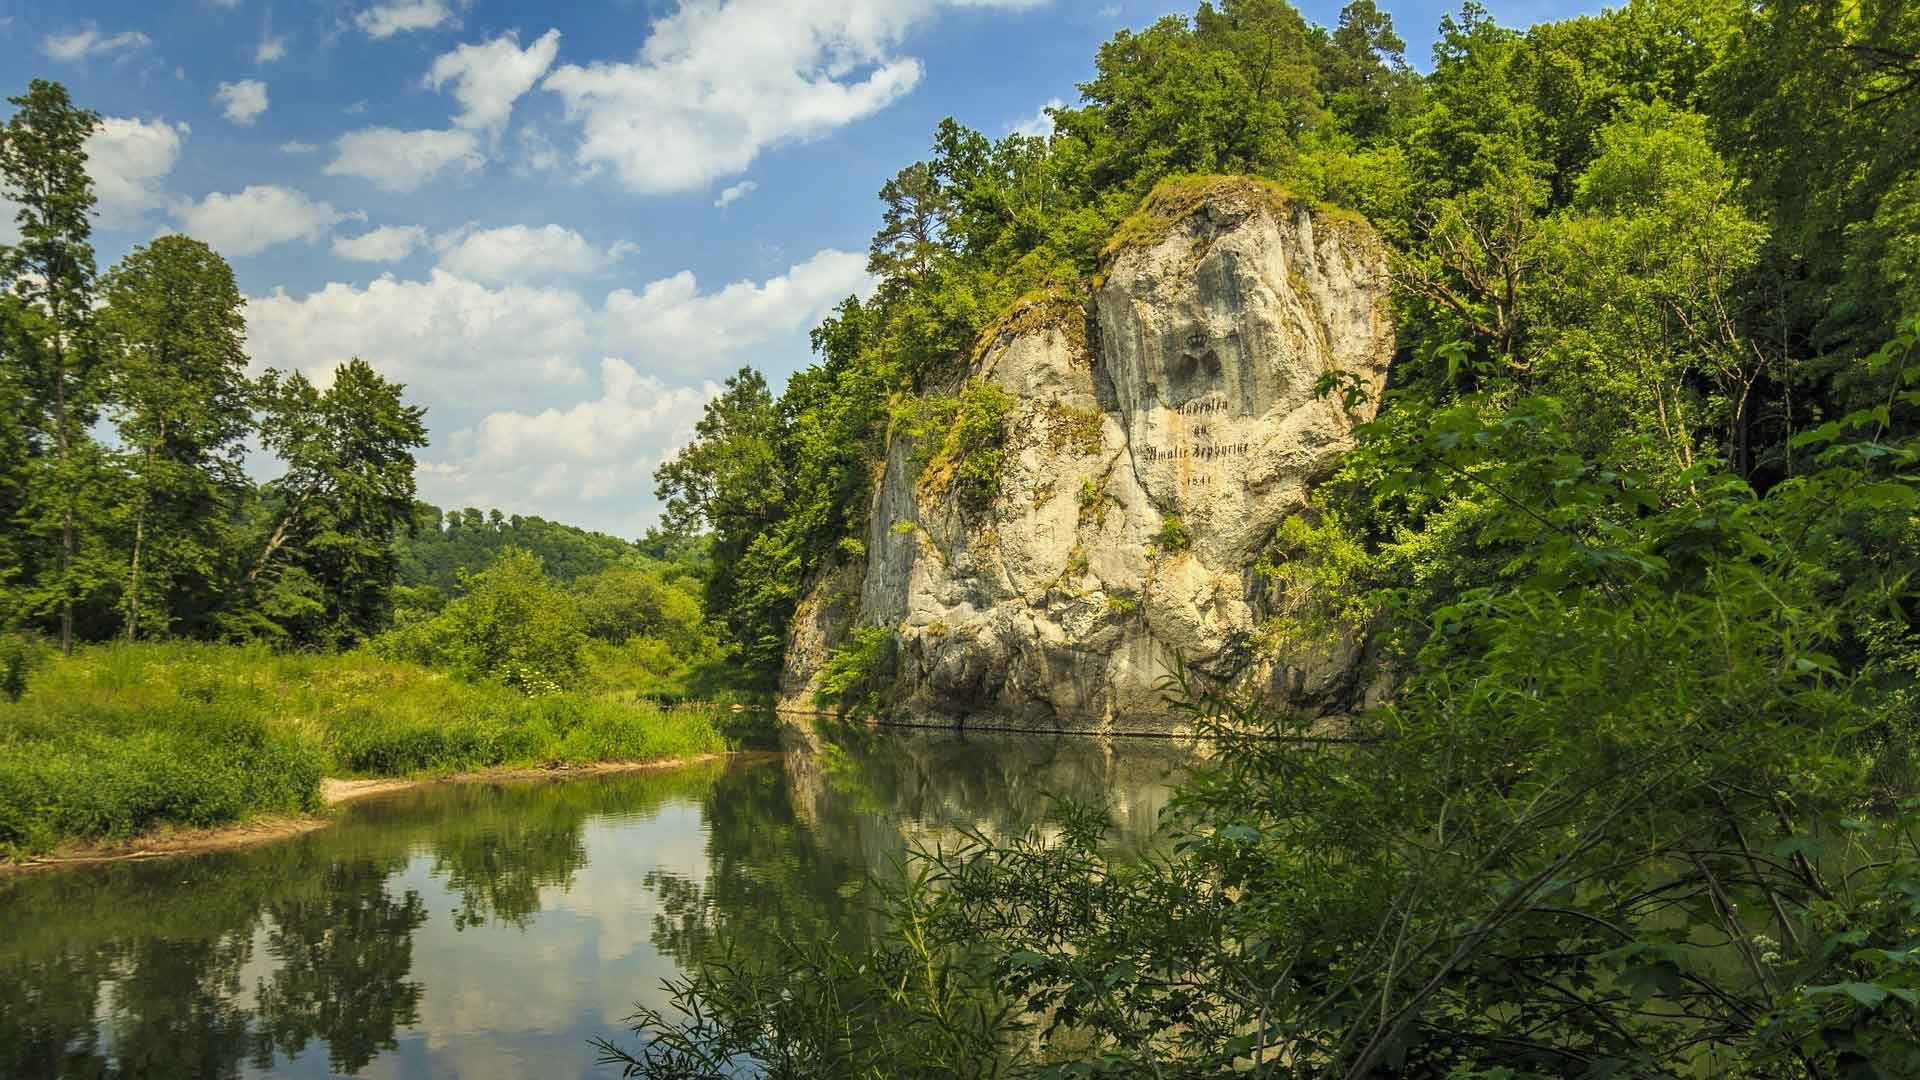 De Amalienfelsen in Sigmaringen is een bijzonder punt op de Donauradweg in Duitsland